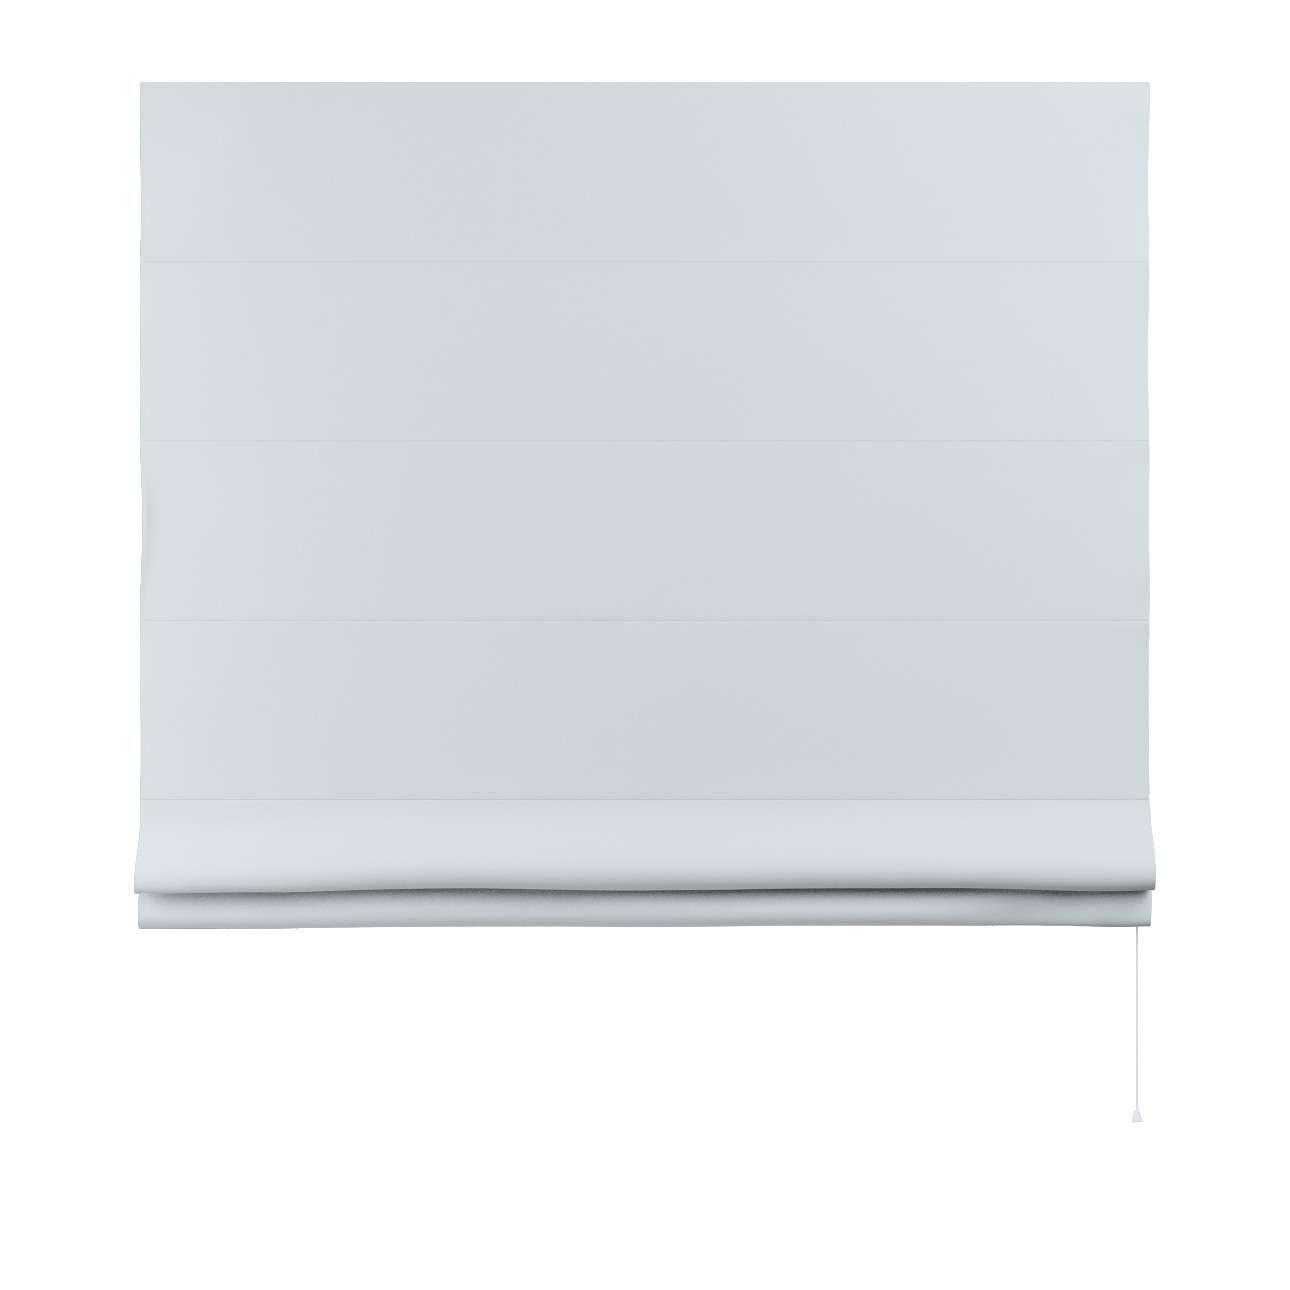 Raffrollo Capri von der Kollektion Blackout 280 cm, Stoff: 269-05